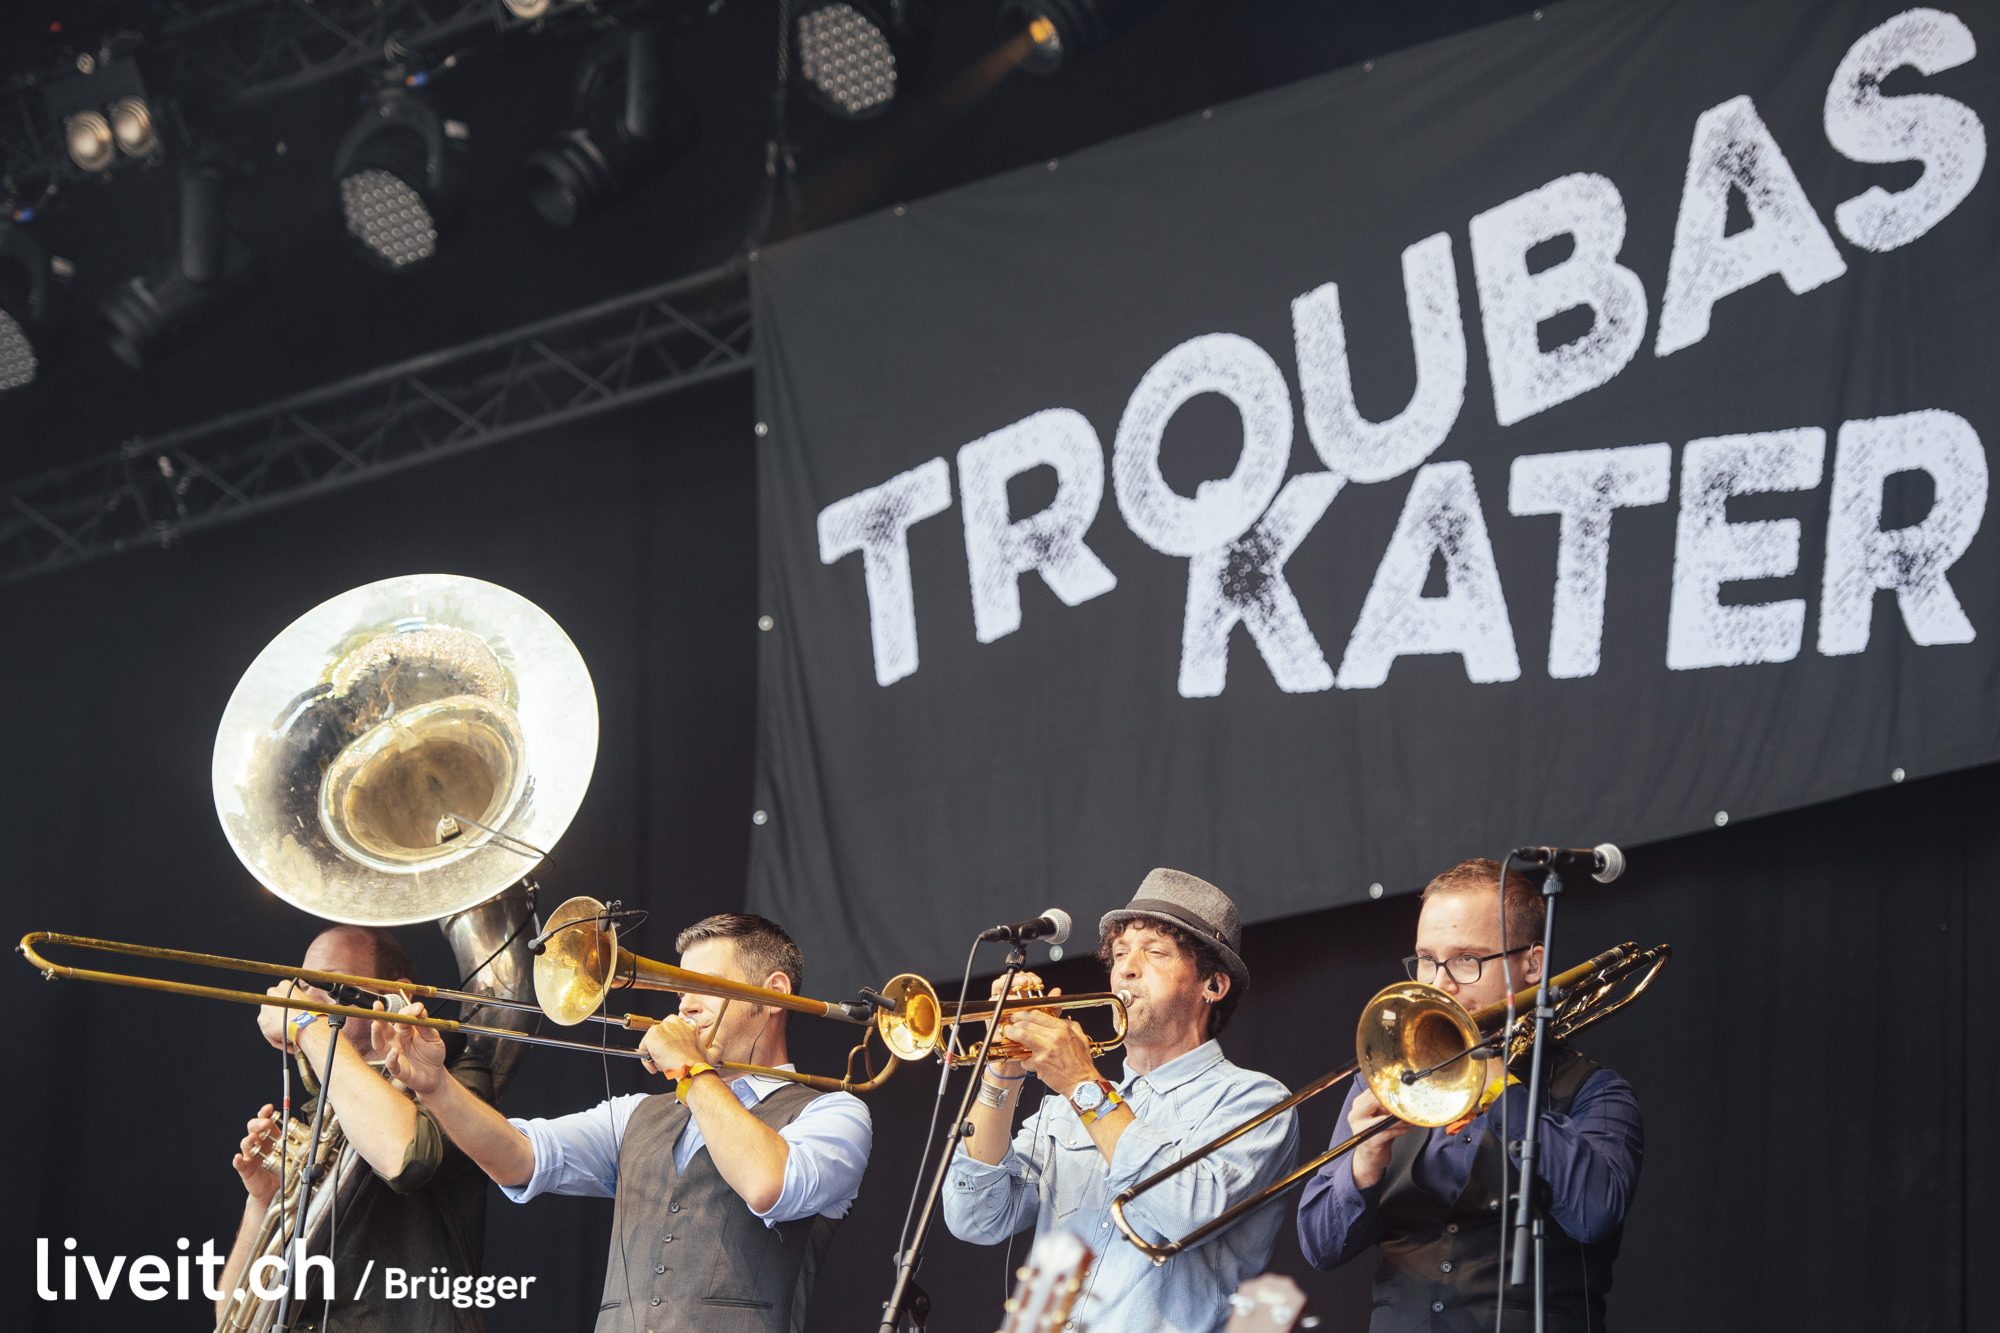 Troubas Kater am Seaside Festival 2019